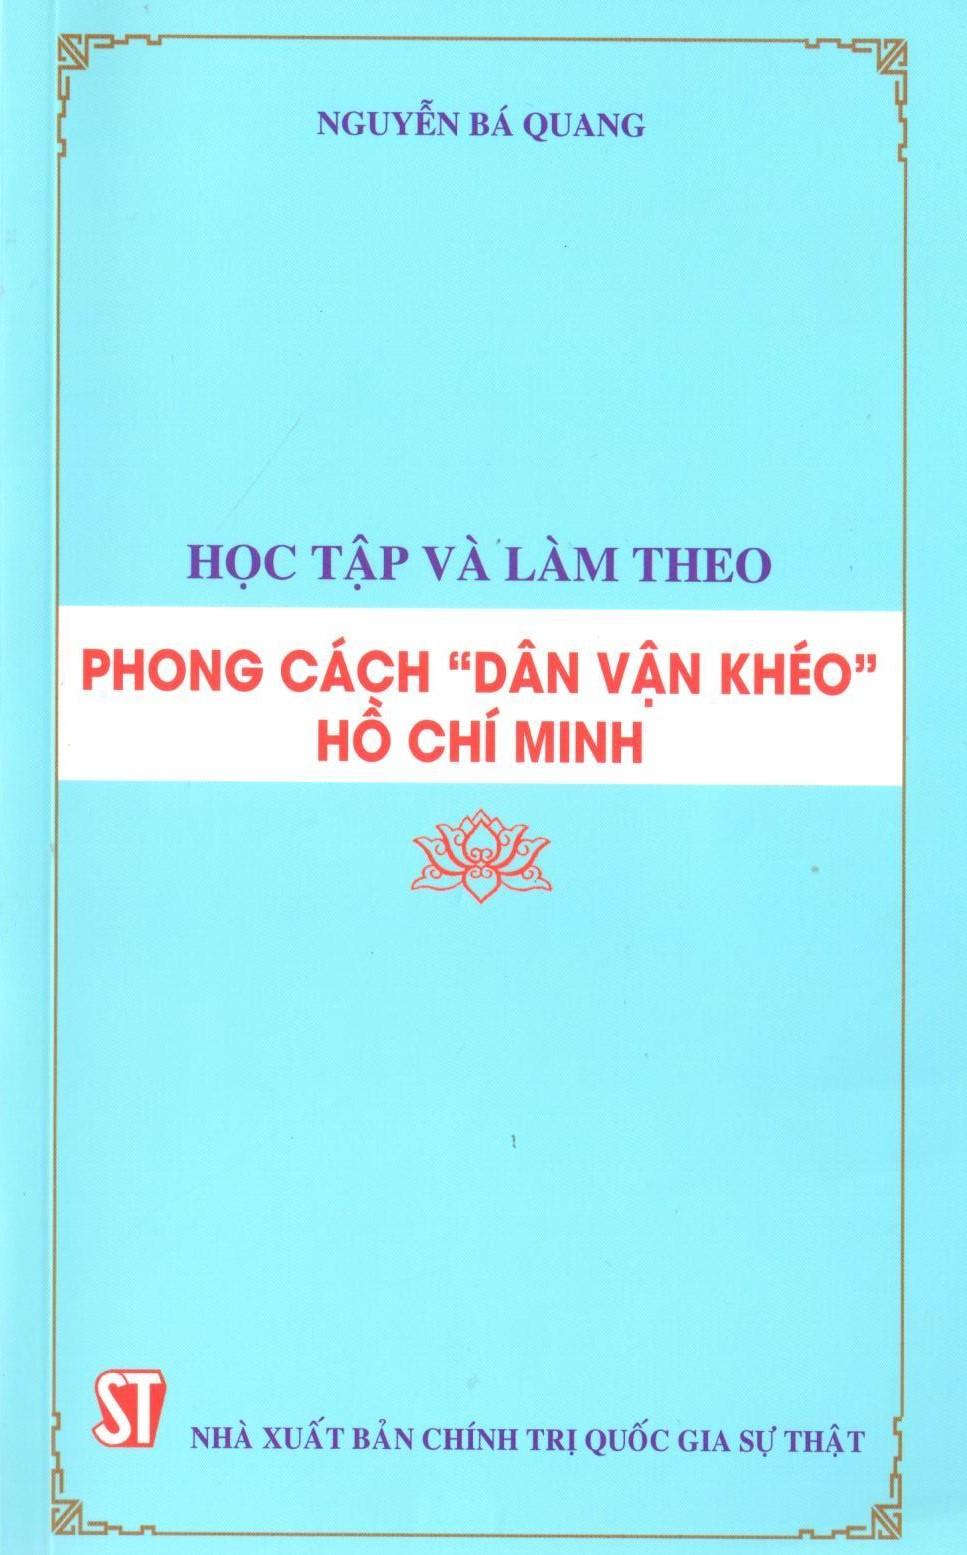 """Học tập và làm theo phong cách """"Dân vận khéo"""" Hồ Chí Minh (Xuất bản lần thứ hai)"""